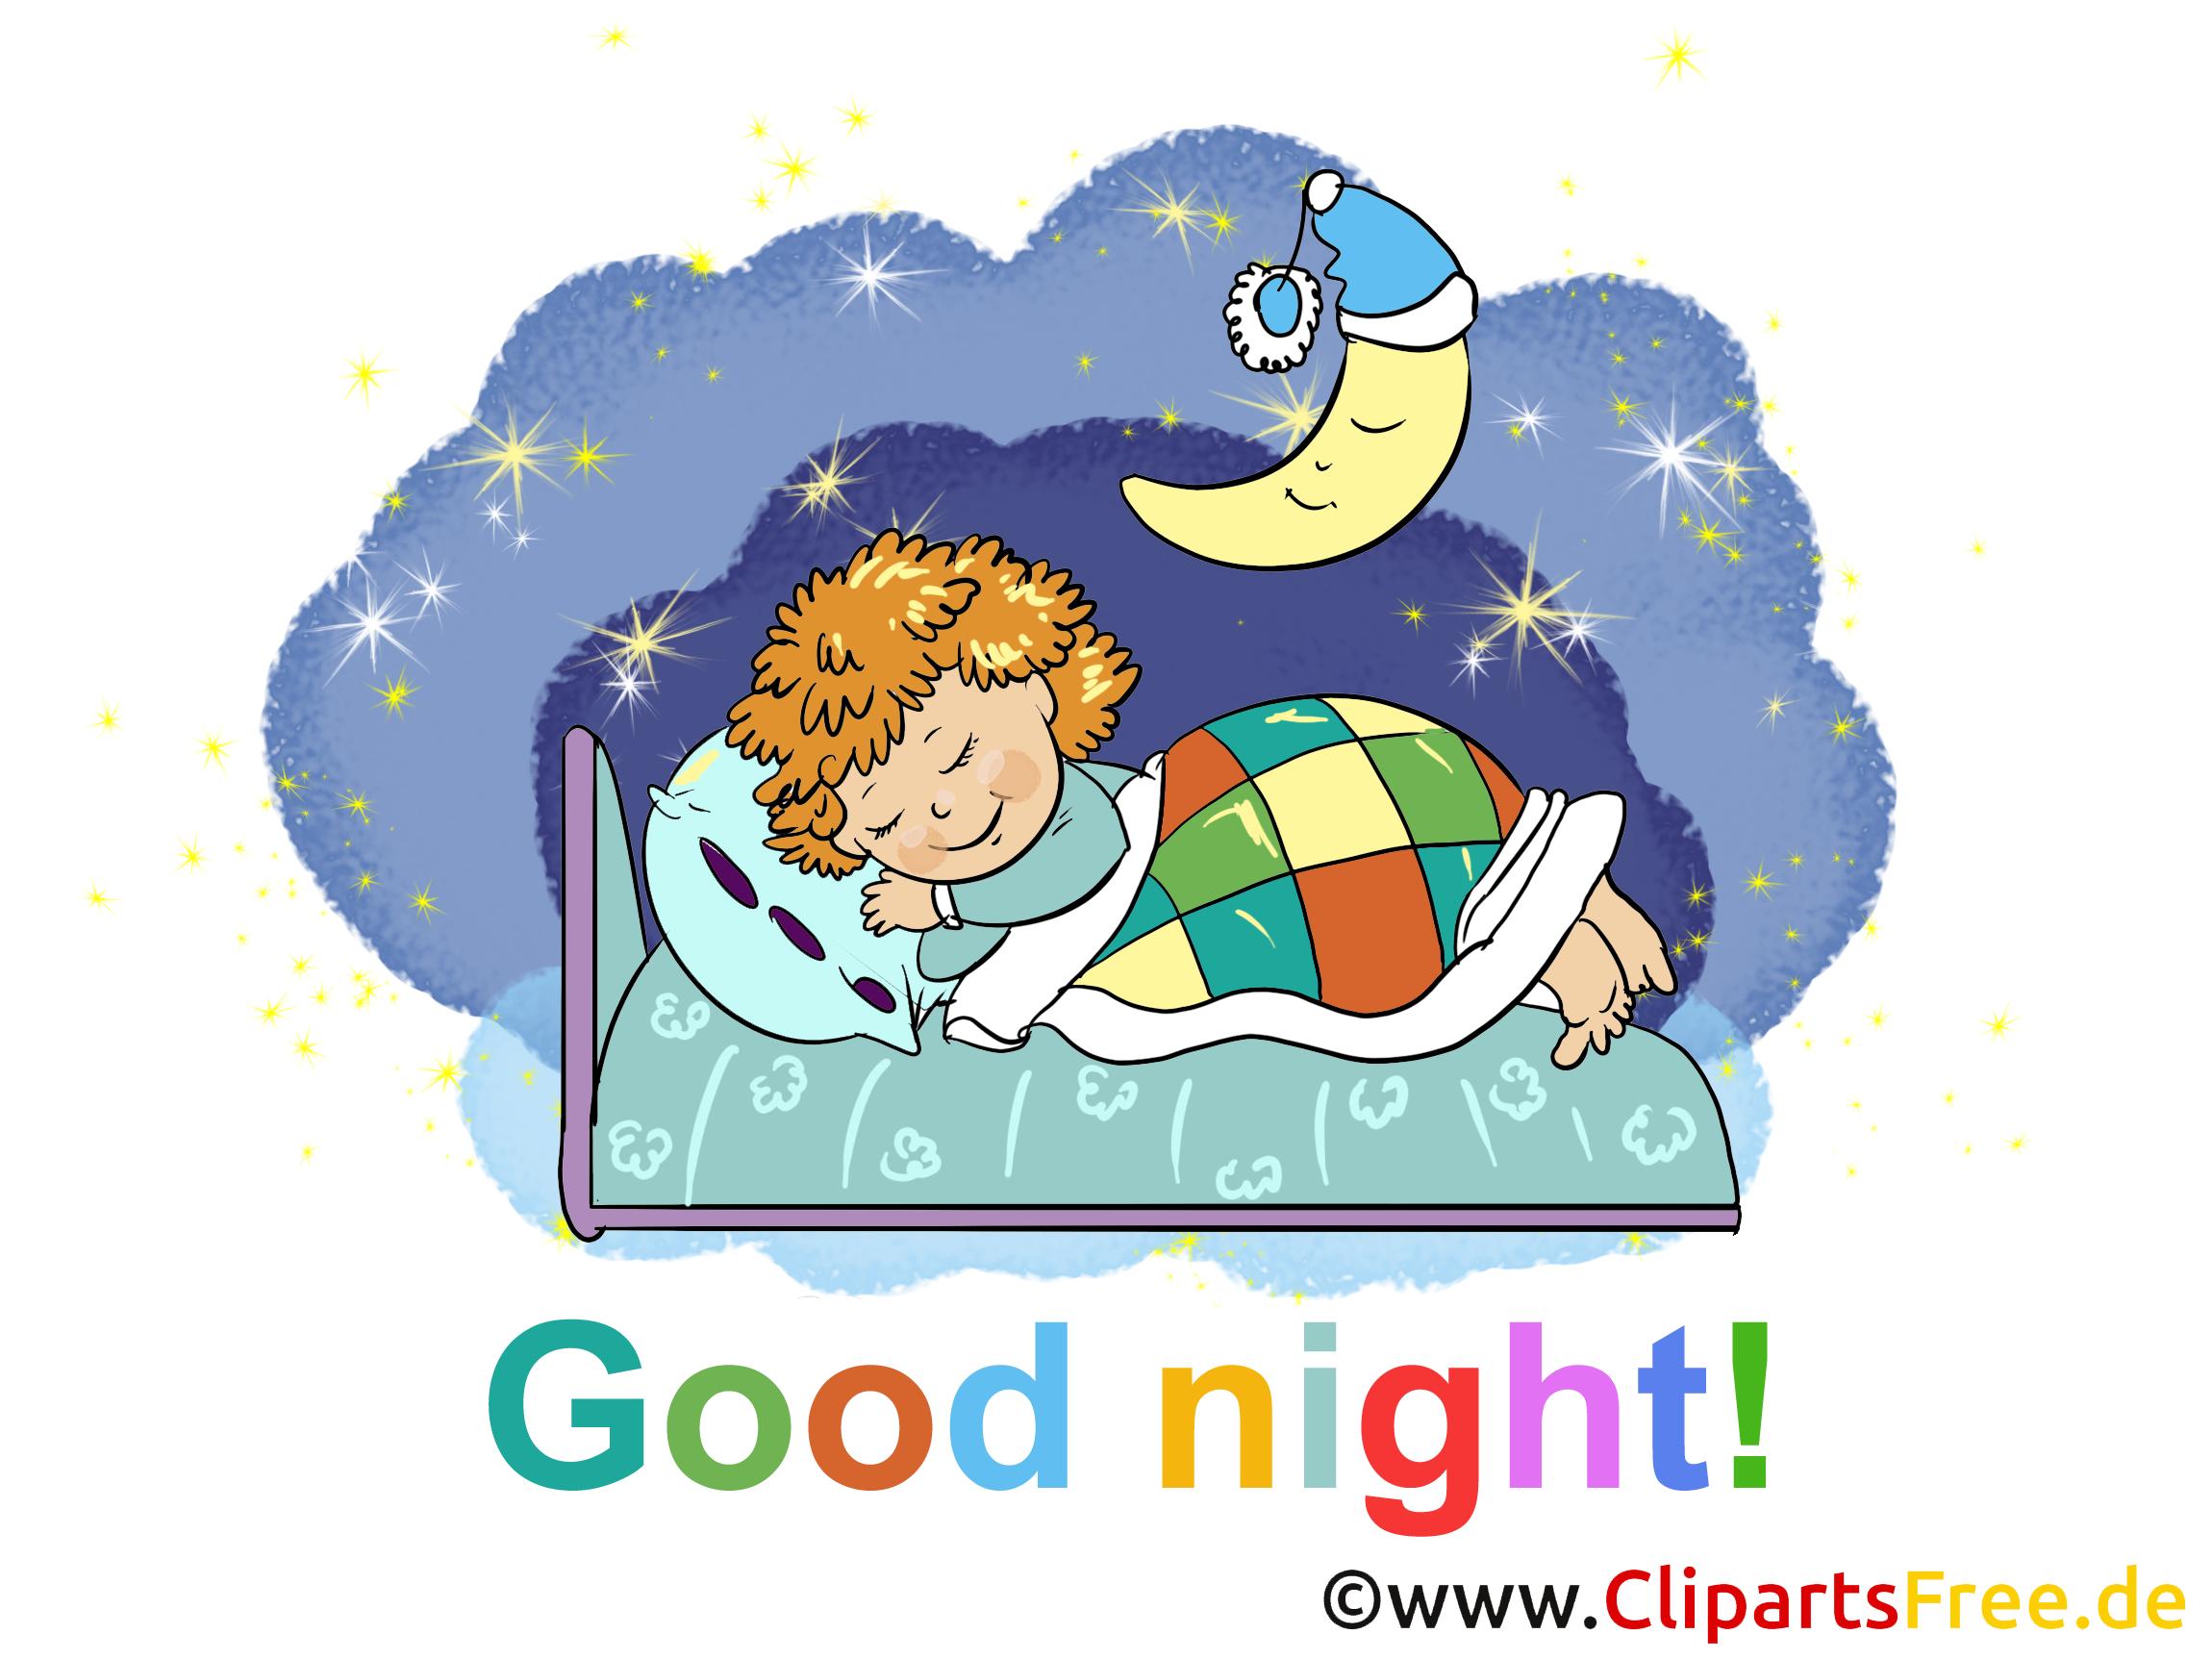 Bonne nuit dessin gratuit à télécharger.